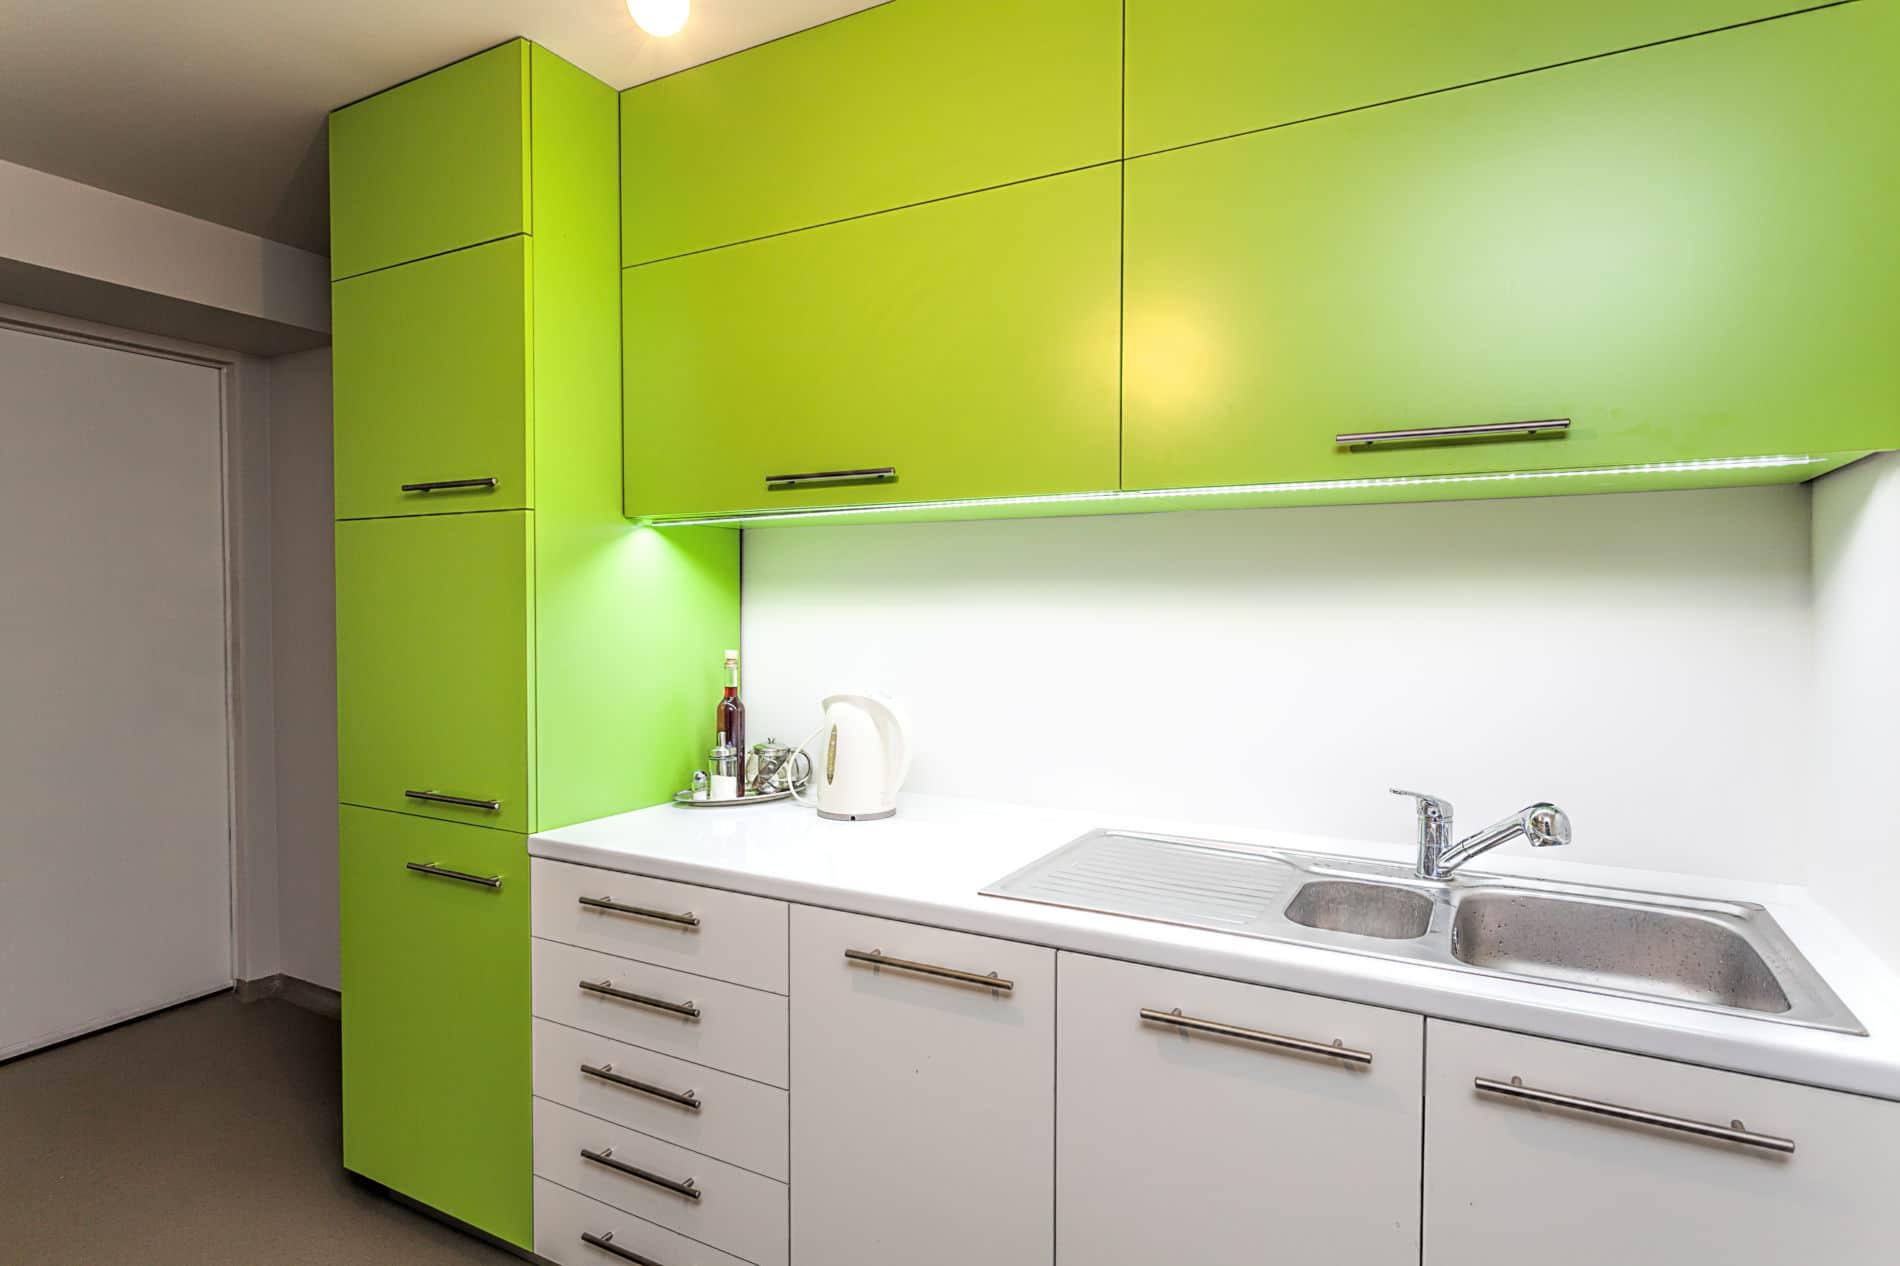 מטבח ברמה גבוהה בעיצוב פשוט דגם עץ ירוק